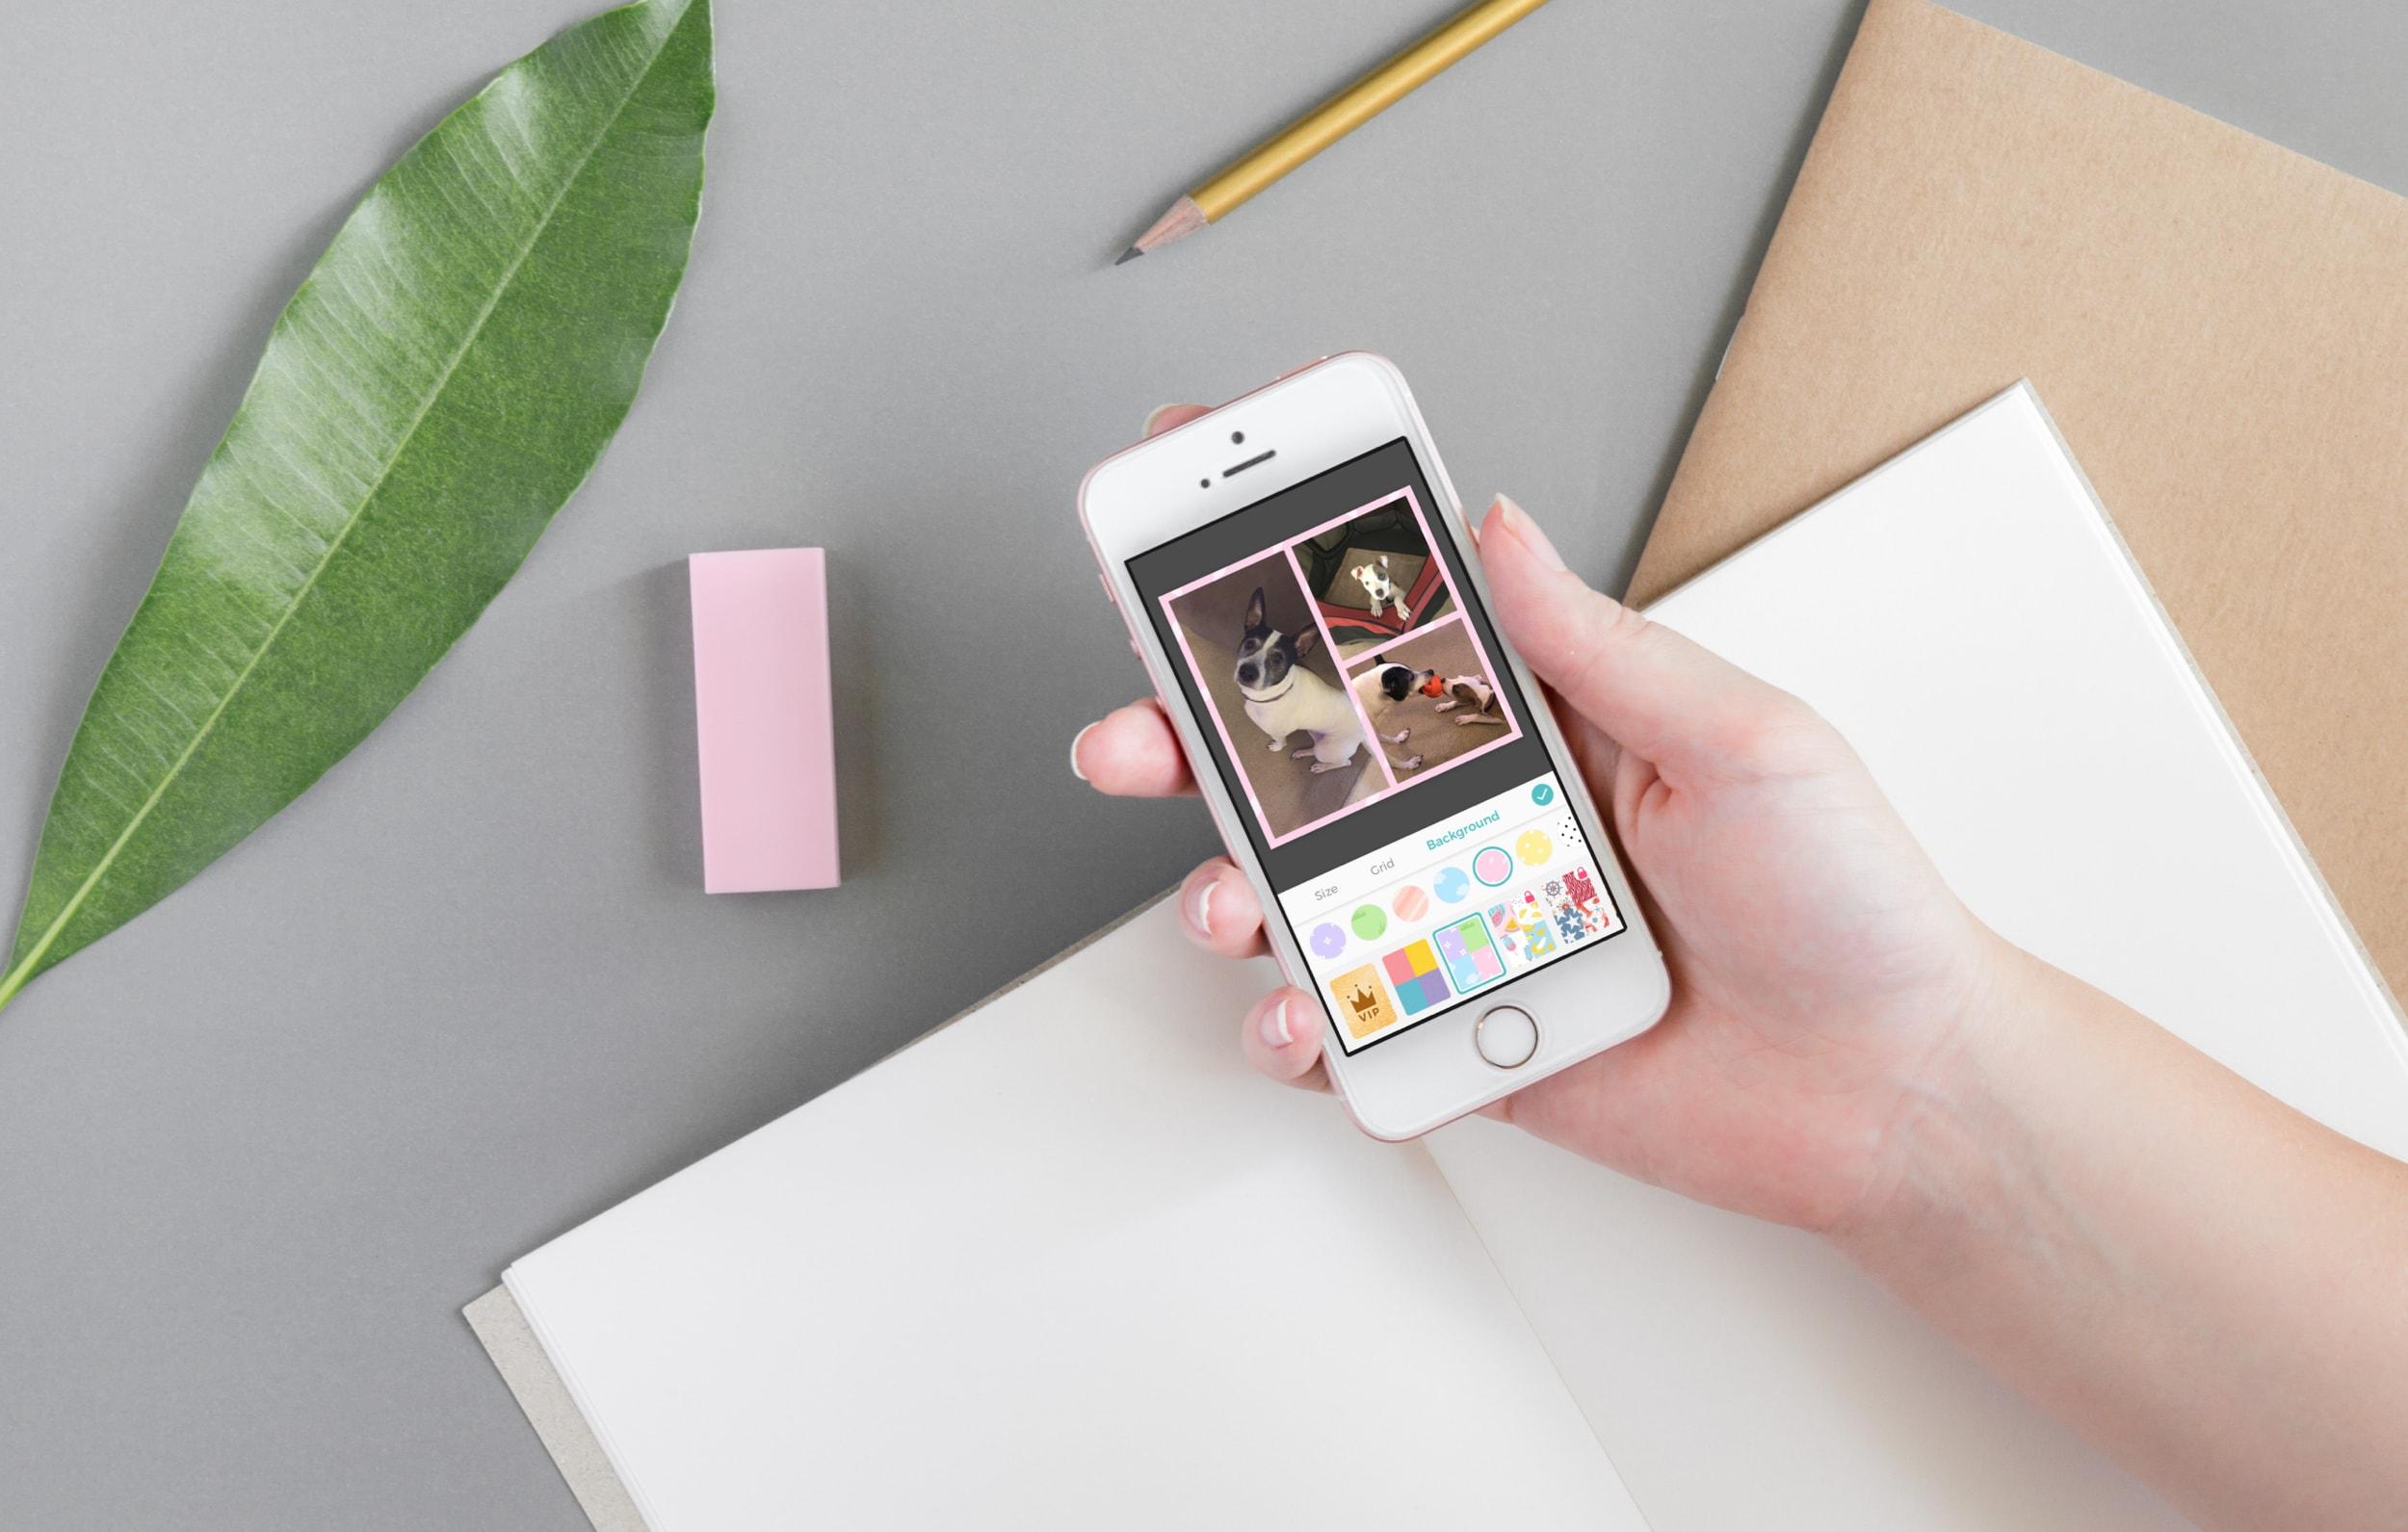 Las mejores aplicaciones de collage de fotos para iphone - PicCollage